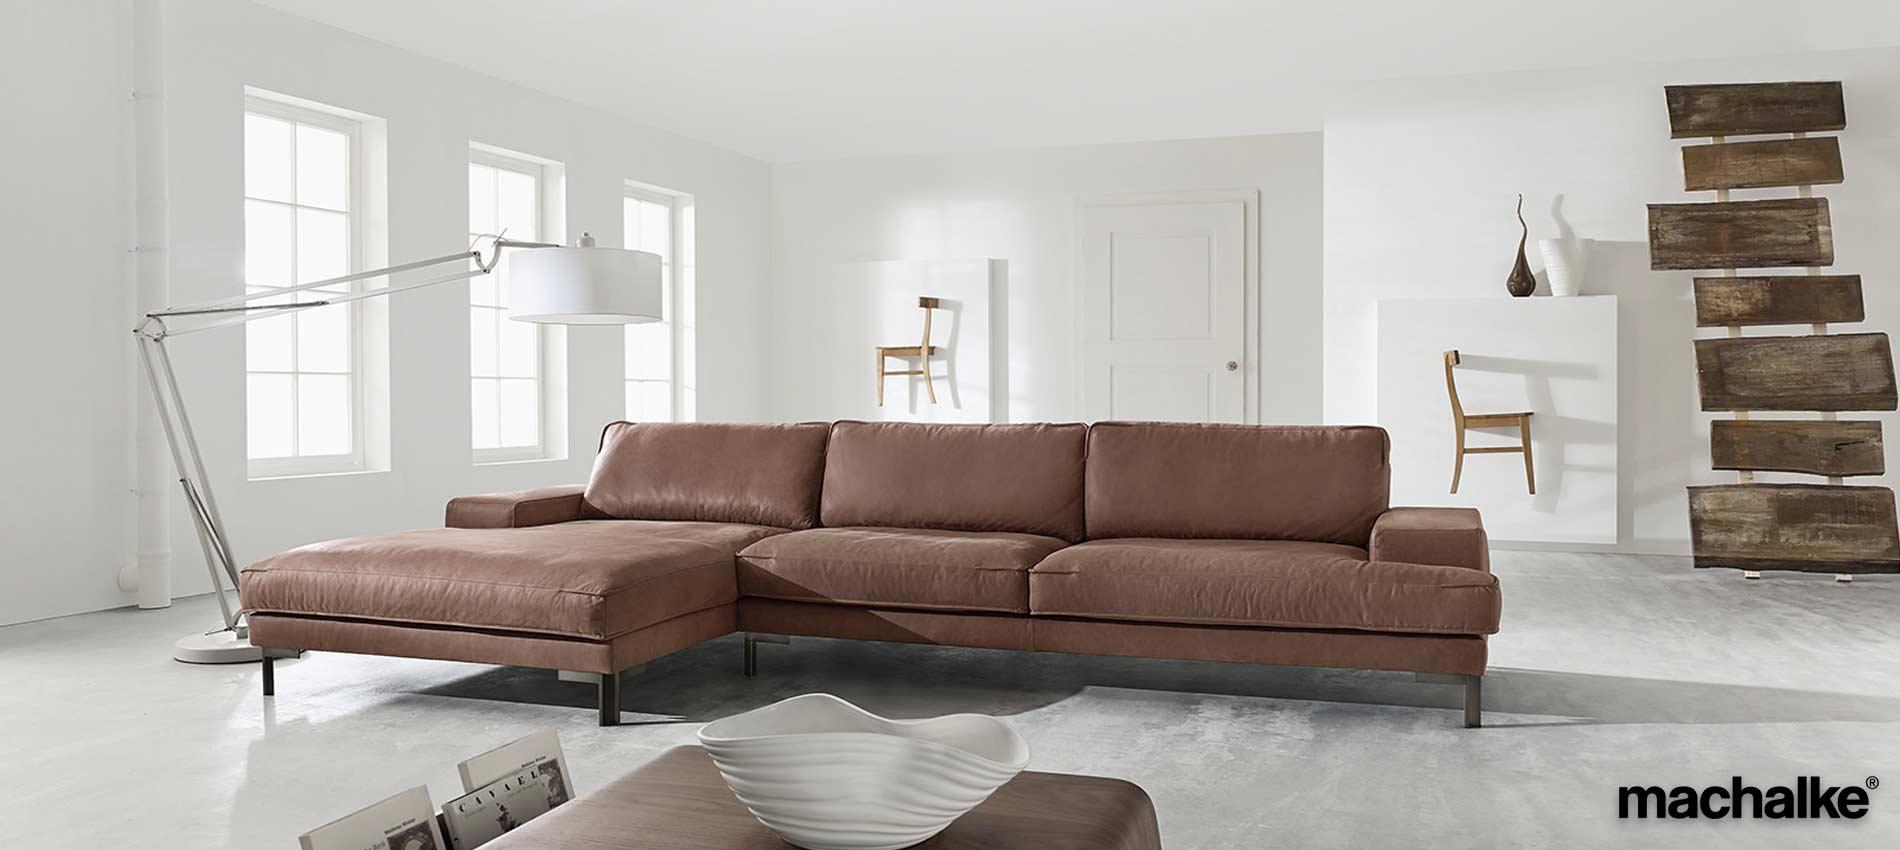 Machalke Sofas In Pockau Möbel U Küchen Schmutzler Nahe